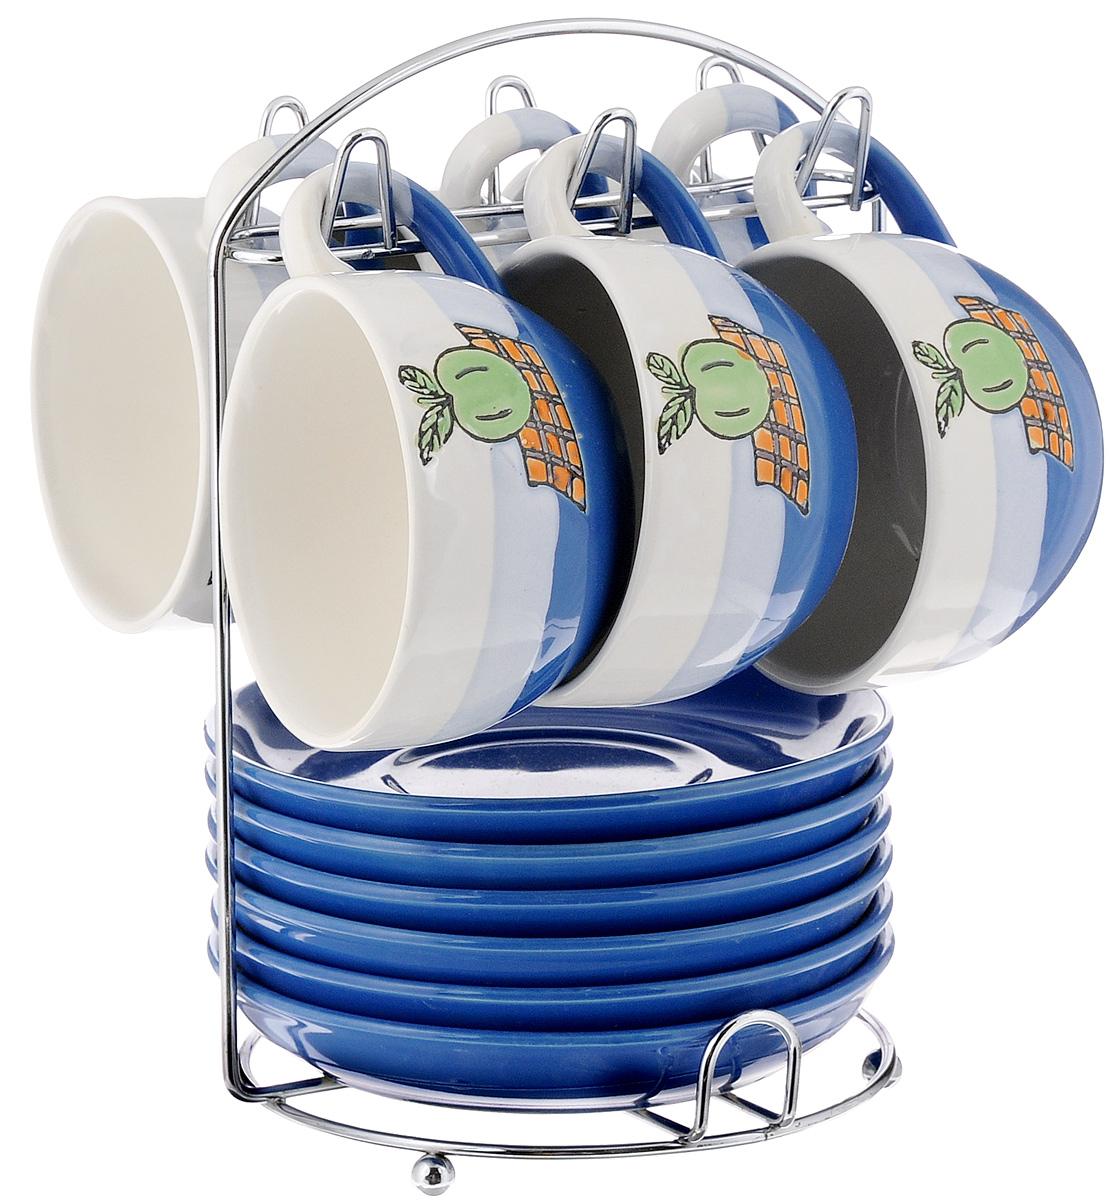 Набор чайный Calve. Яблоко, на подставке, 13 предметовCL-2022_синий, белый, голубойНабор Calve. Яблоко состоит из шести чашек и шести блюдец, изготовленных из высококачественного фарфора. Чашки оформлены красочным рисунком. Изделия расположены на металлической подставке. Такой набор подходит для подачи чая или кофе.Изящный дизайн придется по вкусу и ценителям классики, и тем, кто предпочитает утонченность и изысканность. Он настроит на позитивный лад и подарит хорошее настроение с самого утра. Чайный набор Calve. Яблоко - идеальный и необходимый подарок для вашего дома и для ваших друзей в праздники.Можно мыть в посудомоечной машине. Объем чашки: 220 мл. Диаметр чашки (по верхнему краю): 9,5 см. Высота чашки: 6,3 см. Диаметр блюдца: 14,5 см. Высота блюдца: 2,3 см.Размер подставки: 16,5 х 16 х 22,5 см.